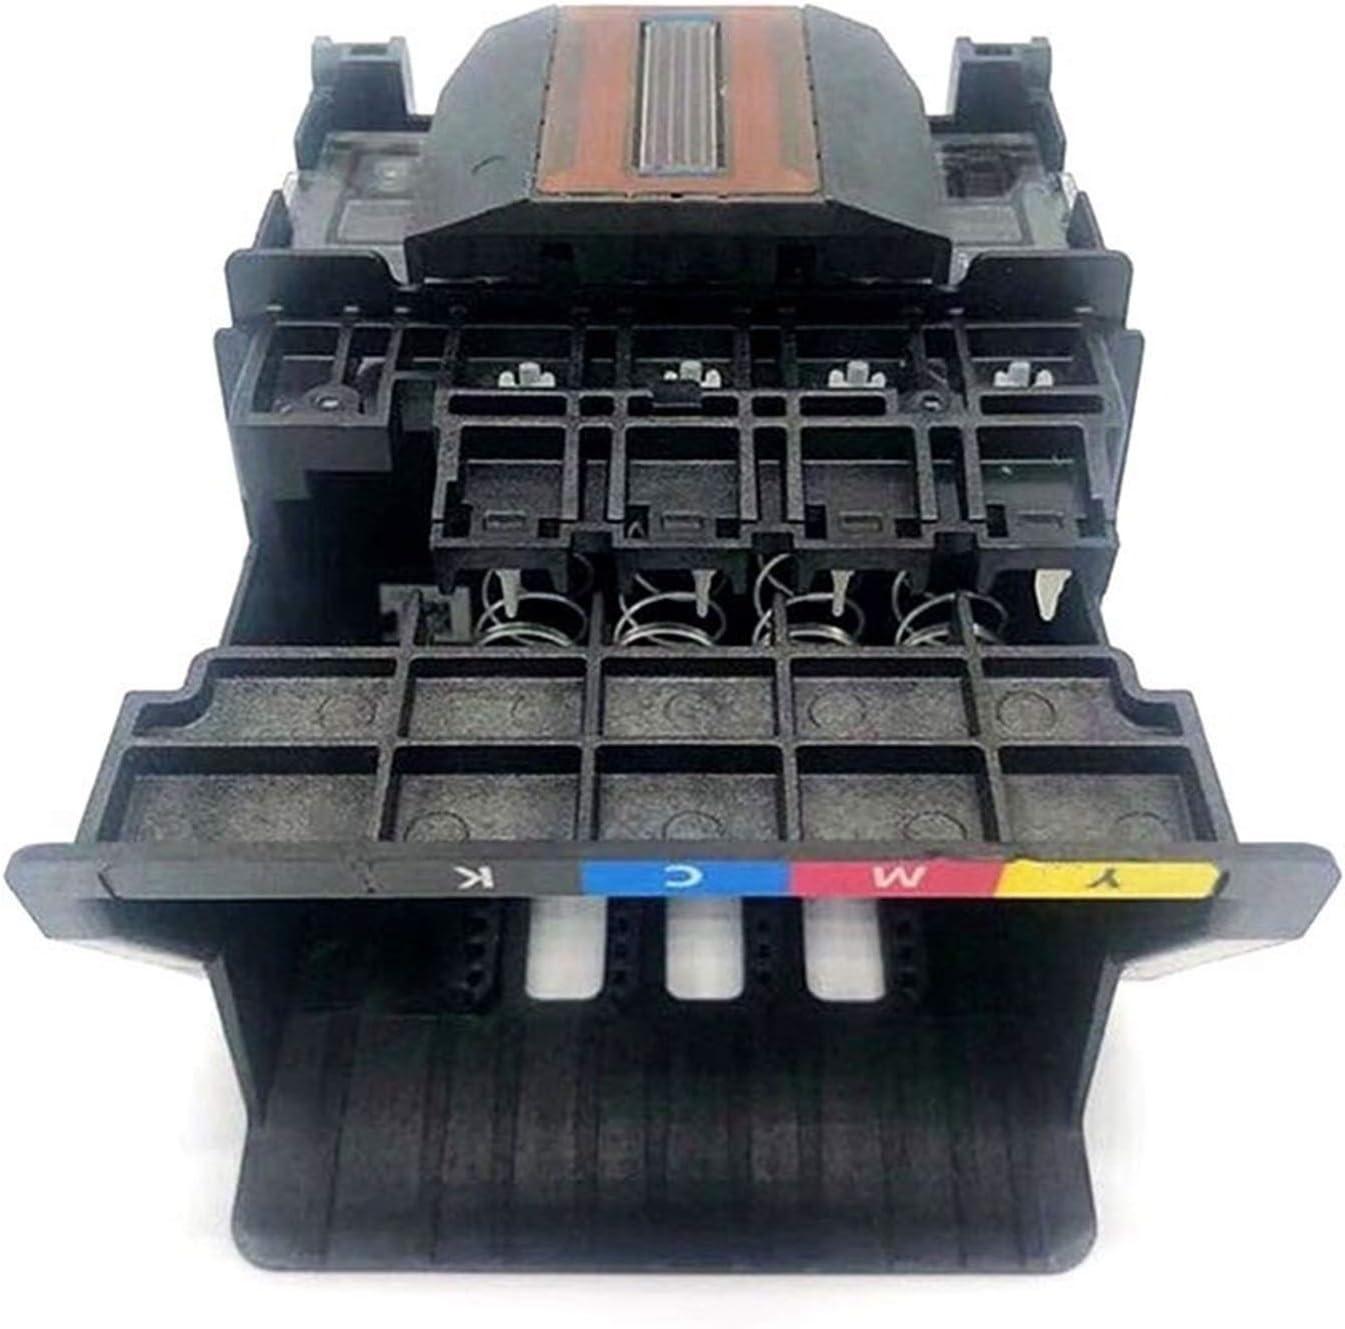 Printer Accessories C1Q10A Printhead Fit for HP 711 HP711 Print Head Fit for HP DesignJet T120 T125 T130 T520 T525 T530 Printer Head